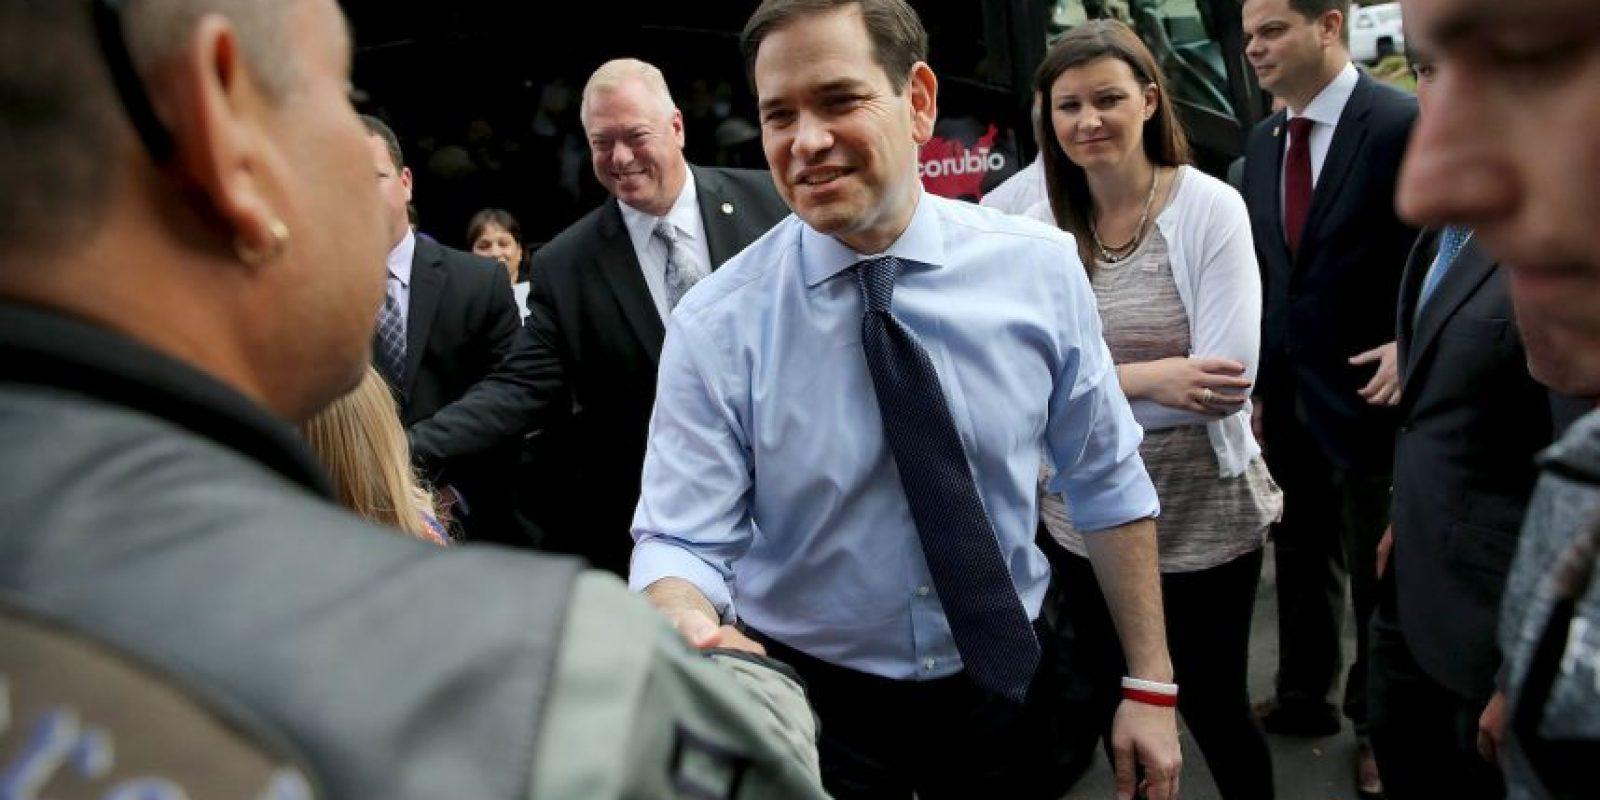 Este martes Marco Rubio se enfrentara a sus opositores republicanos en las primarias de Florida. Foto:AFP